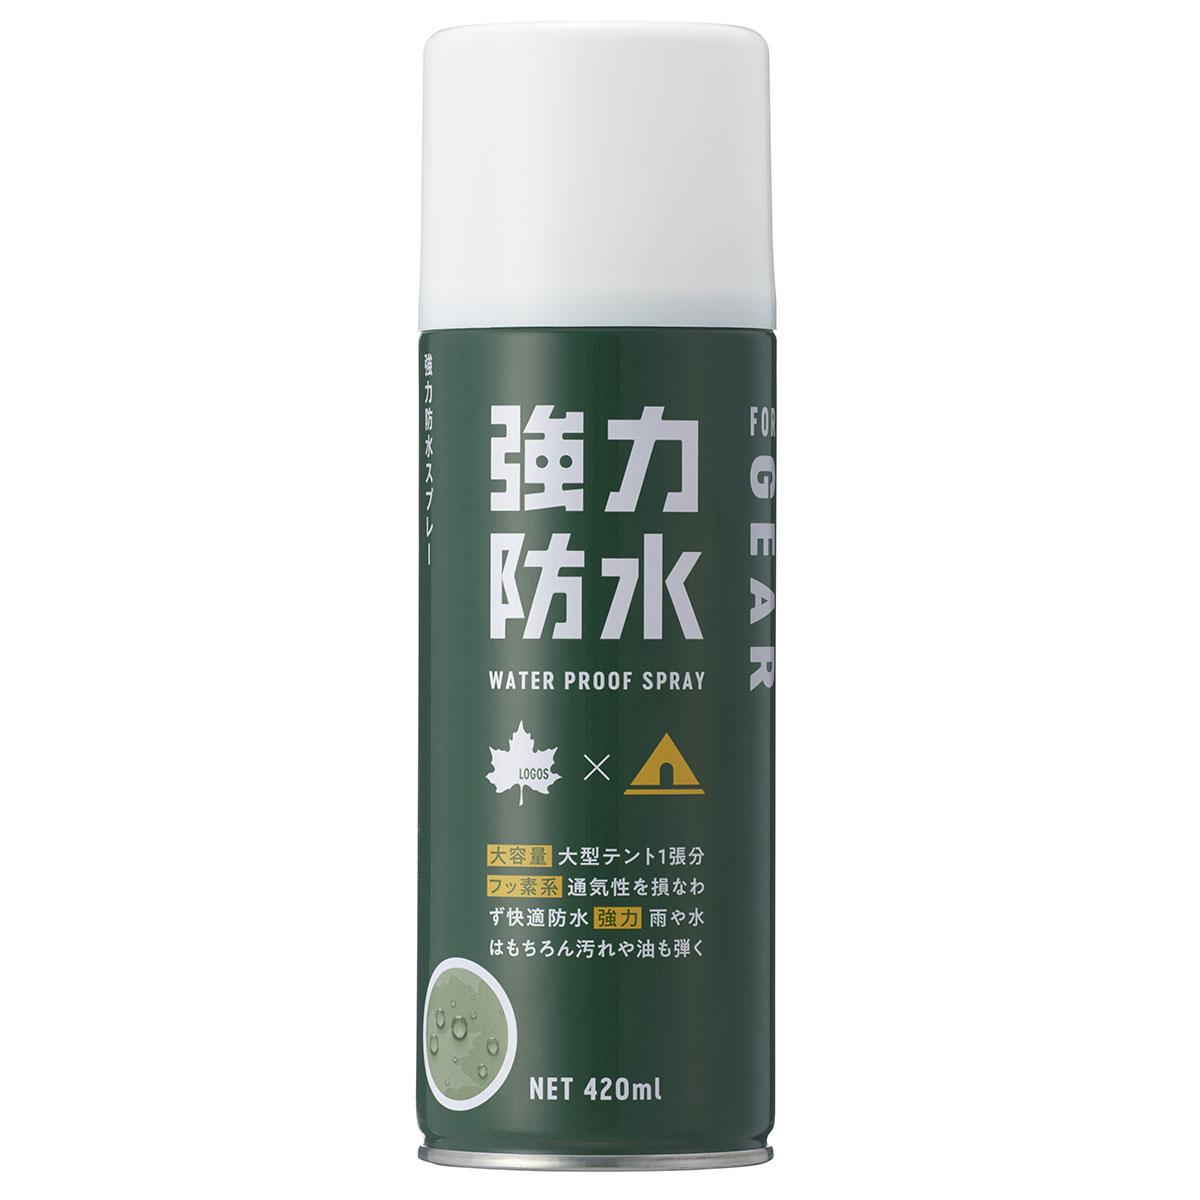 強力防水スプレー(420ml)